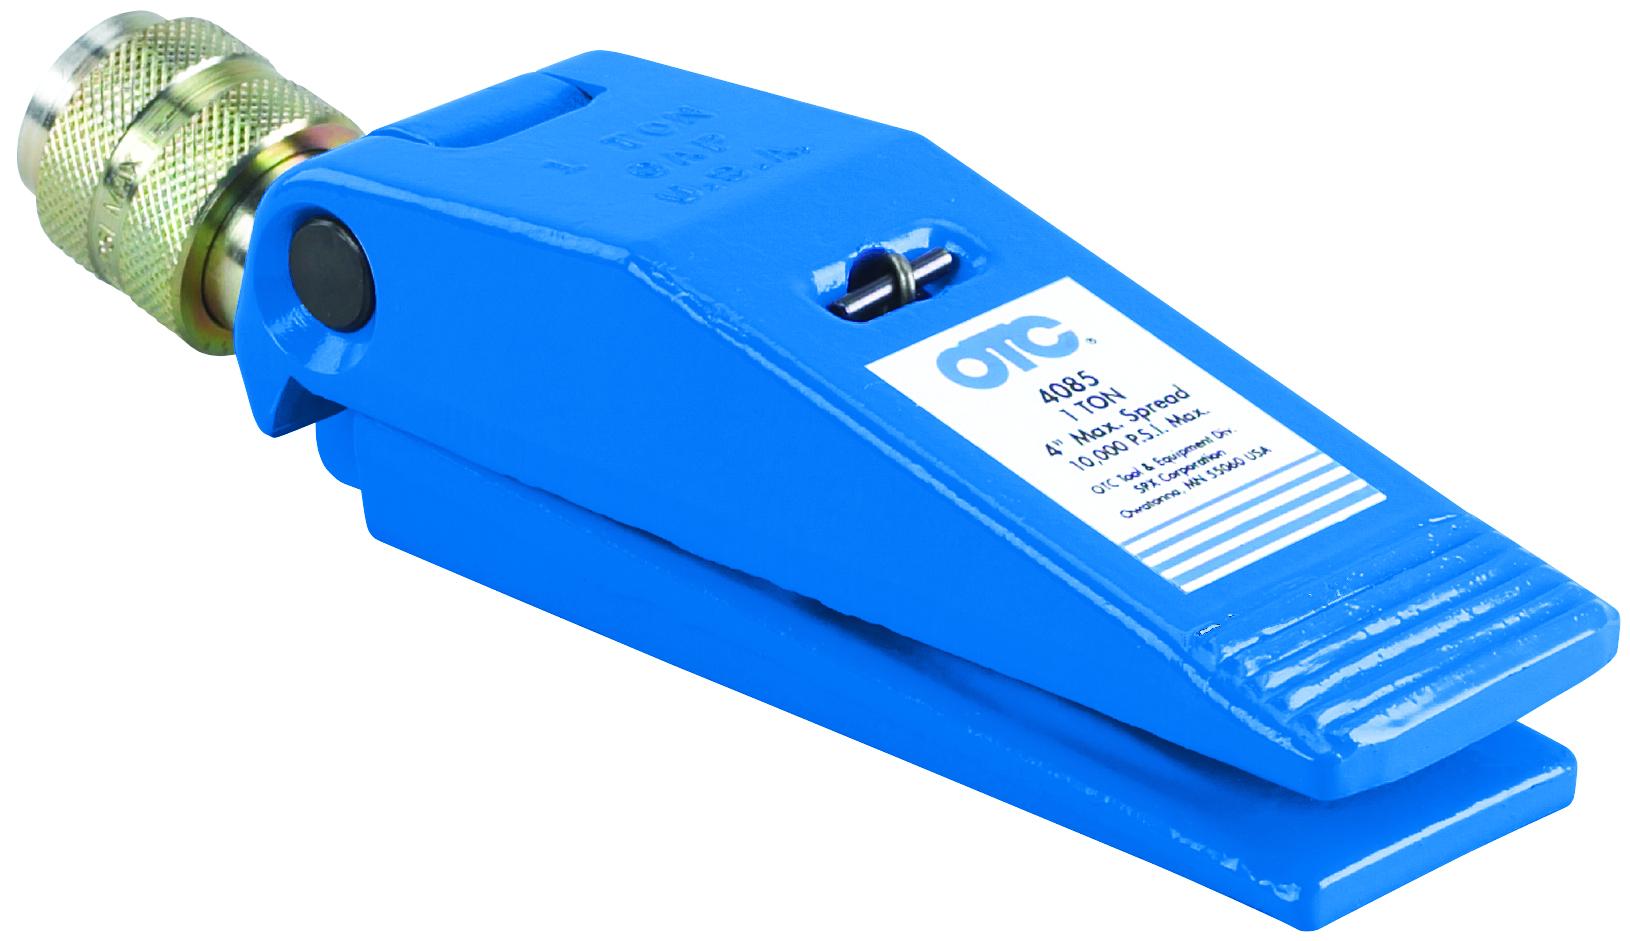 1 Ton Capacity Hydraulic Spreader Otc Tools